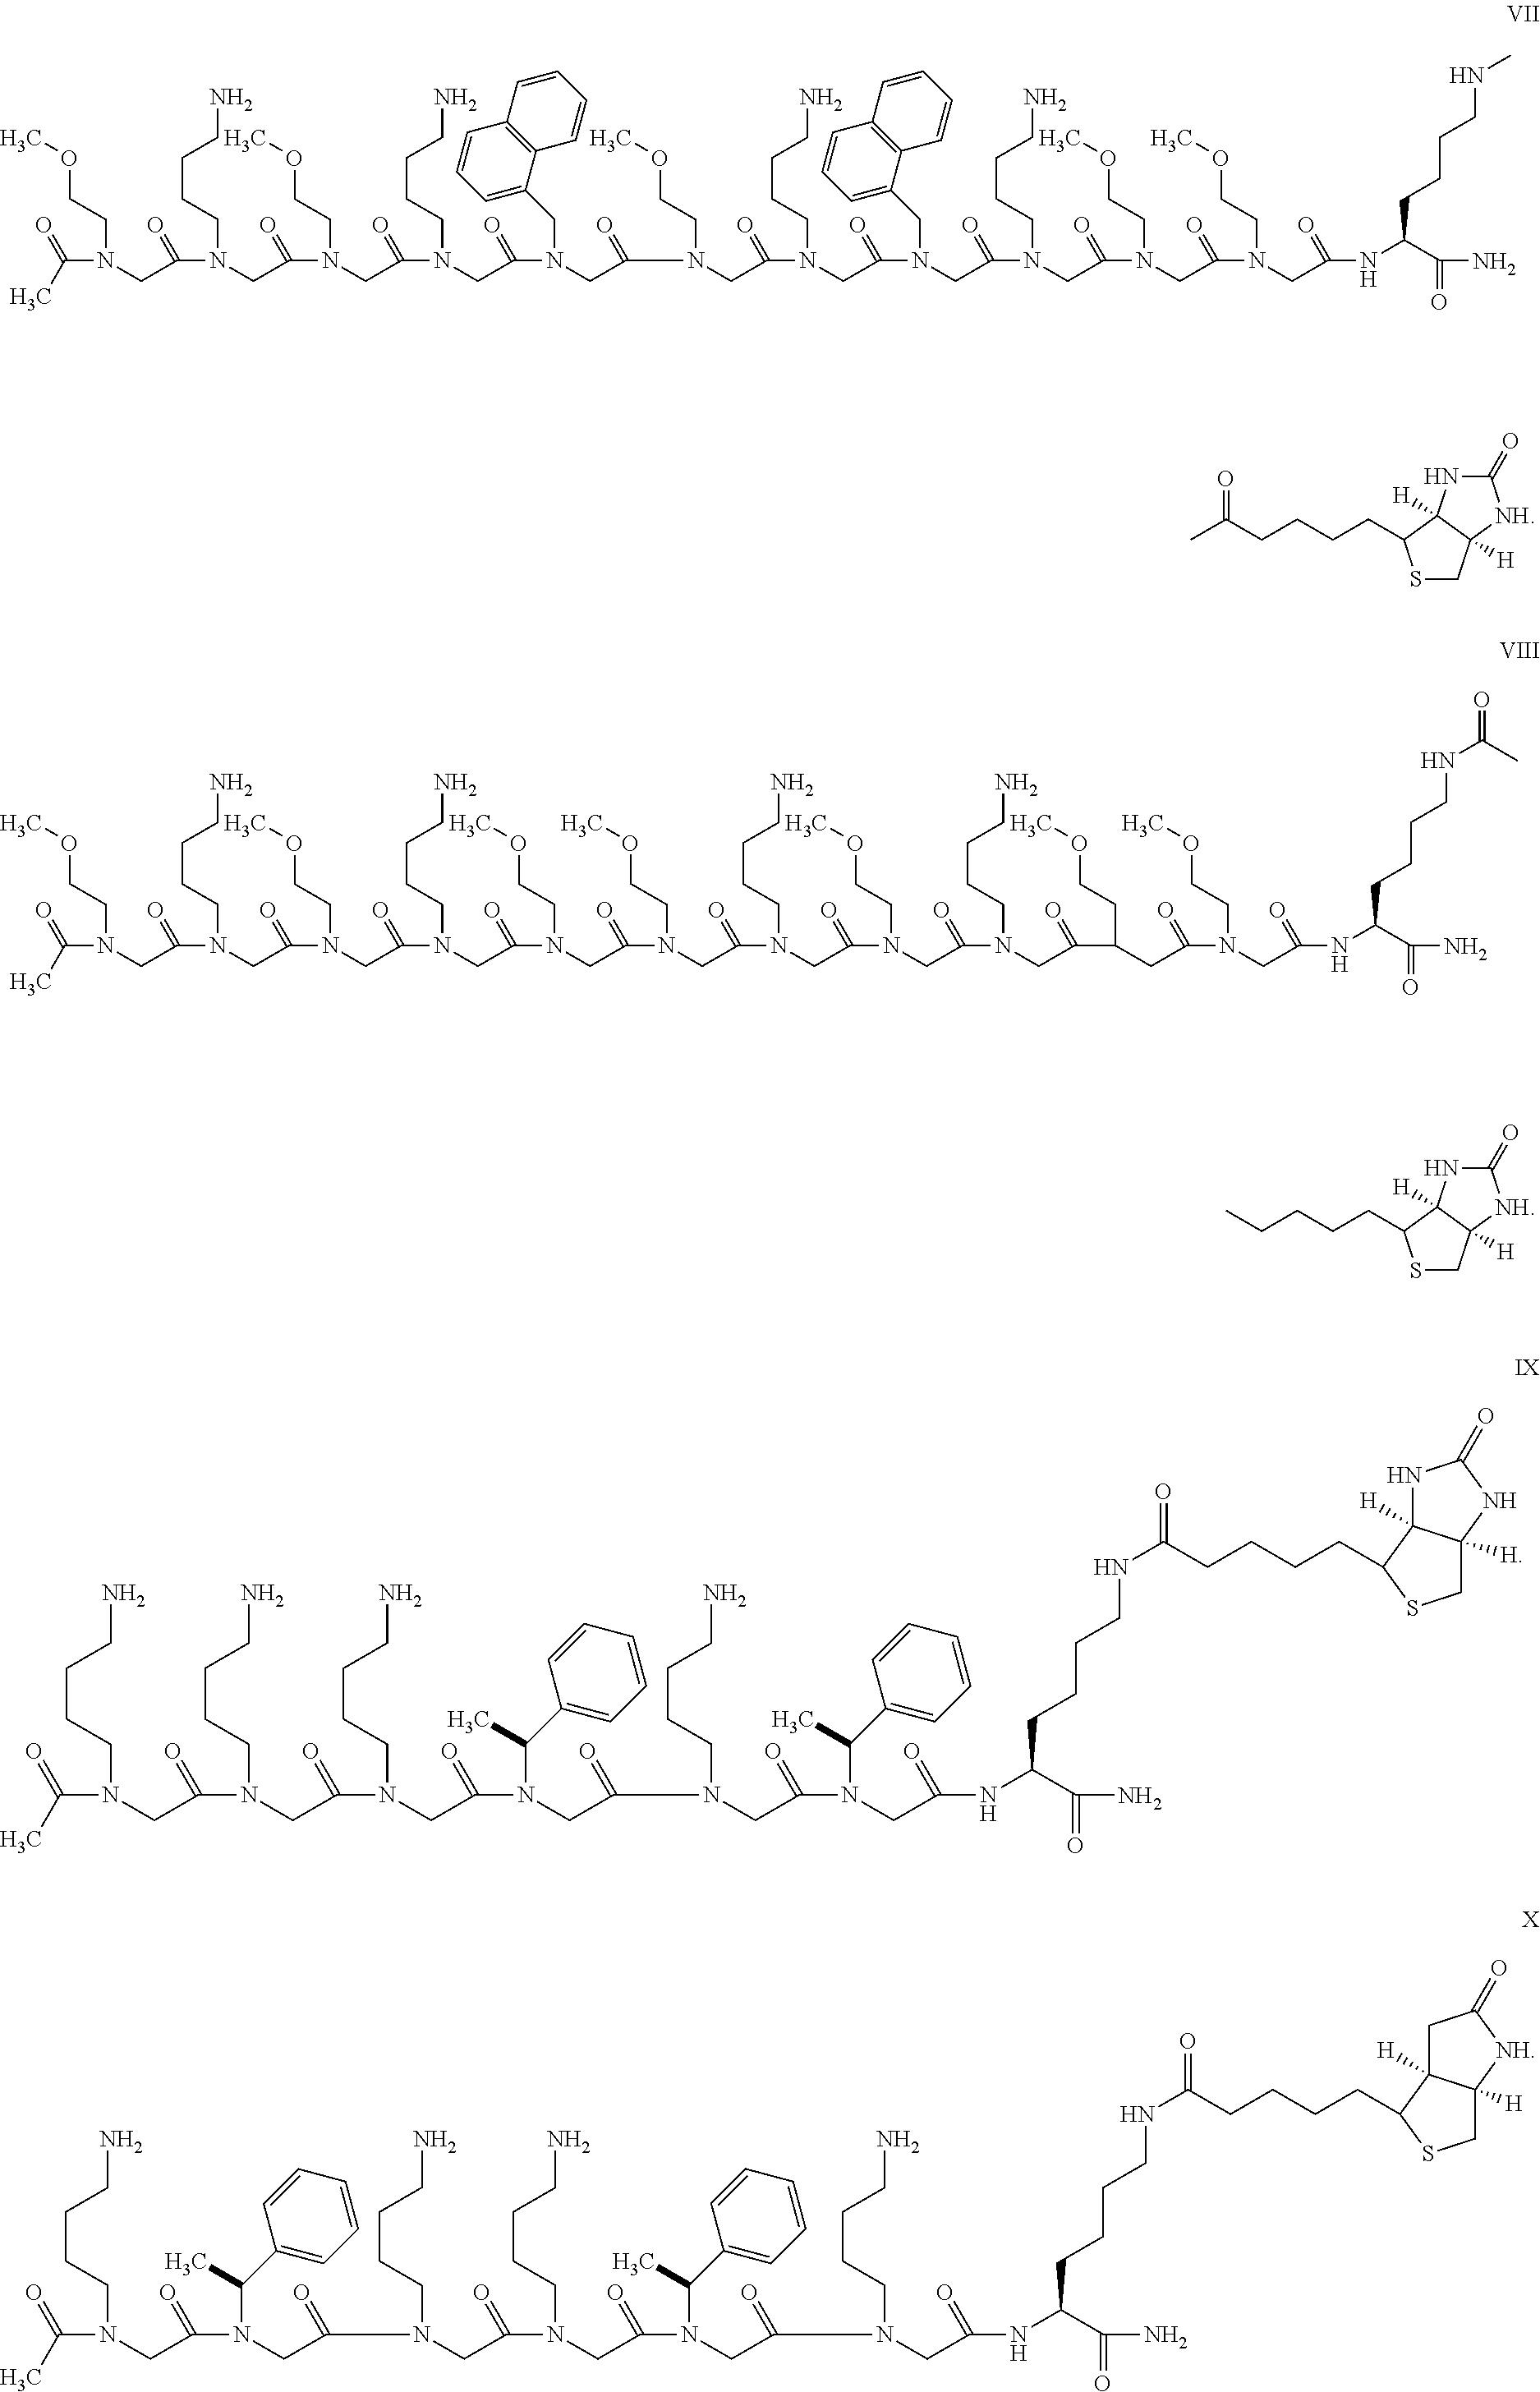 Figure US20110189692A1-20110804-C00063